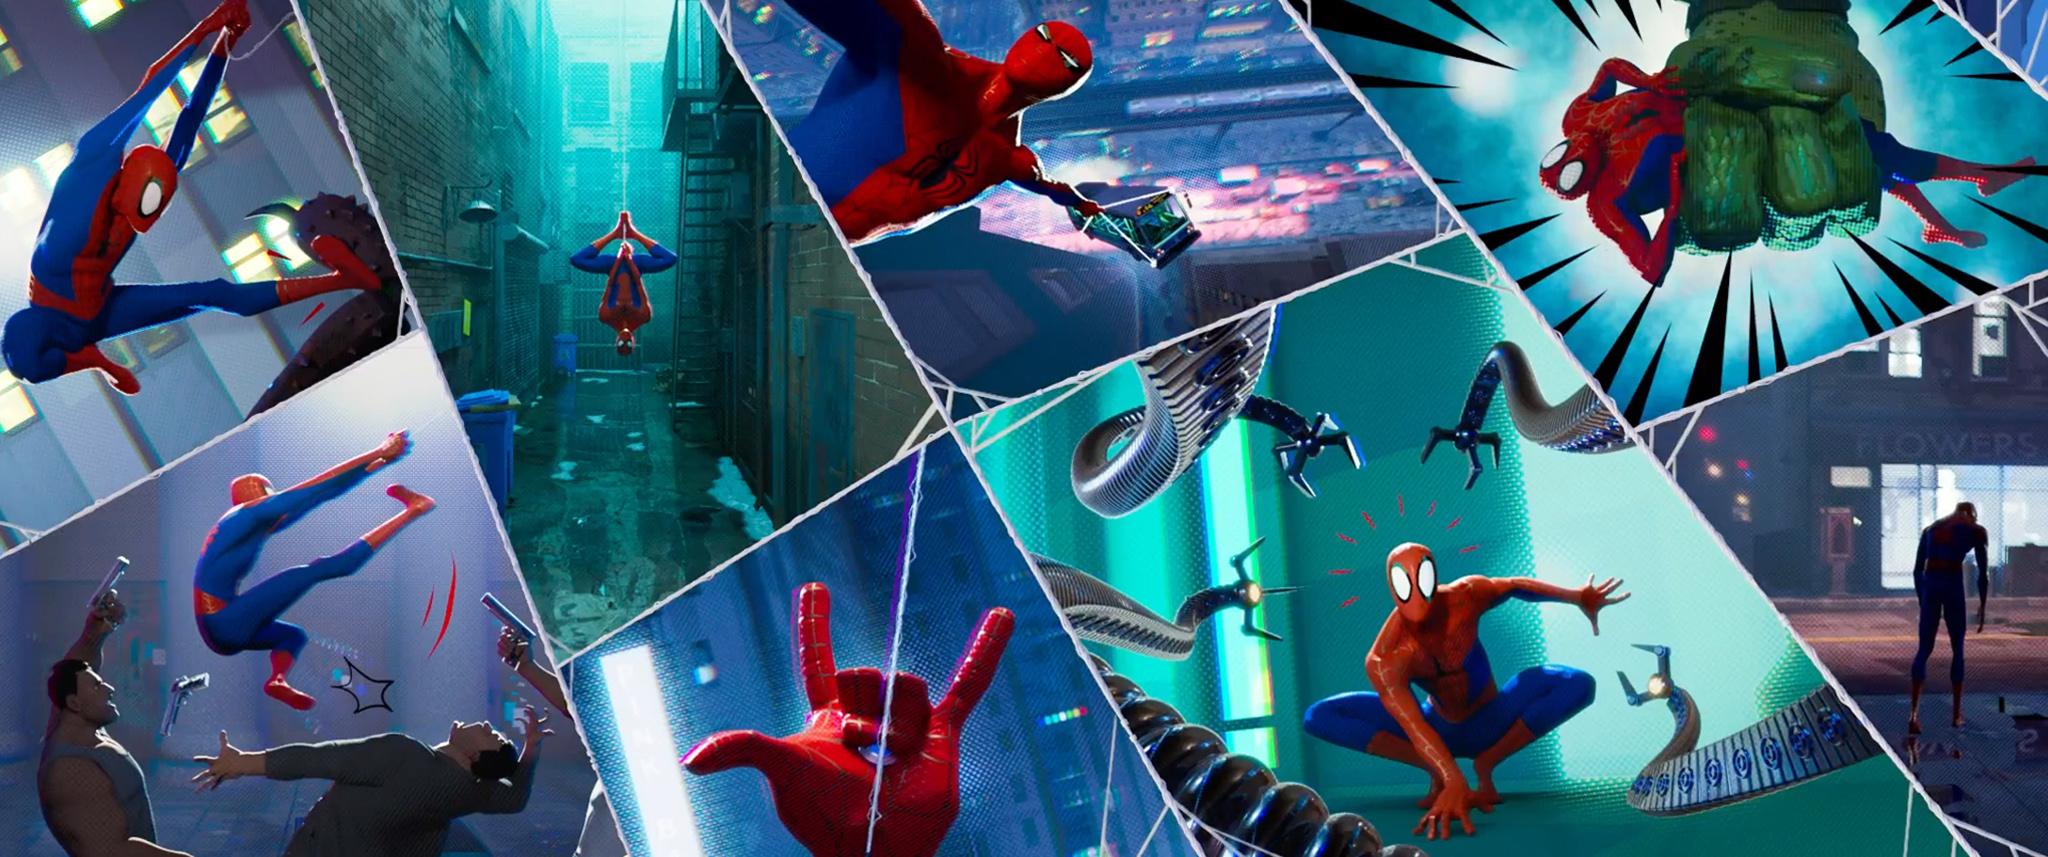 Tinhte_Spider6.jpg